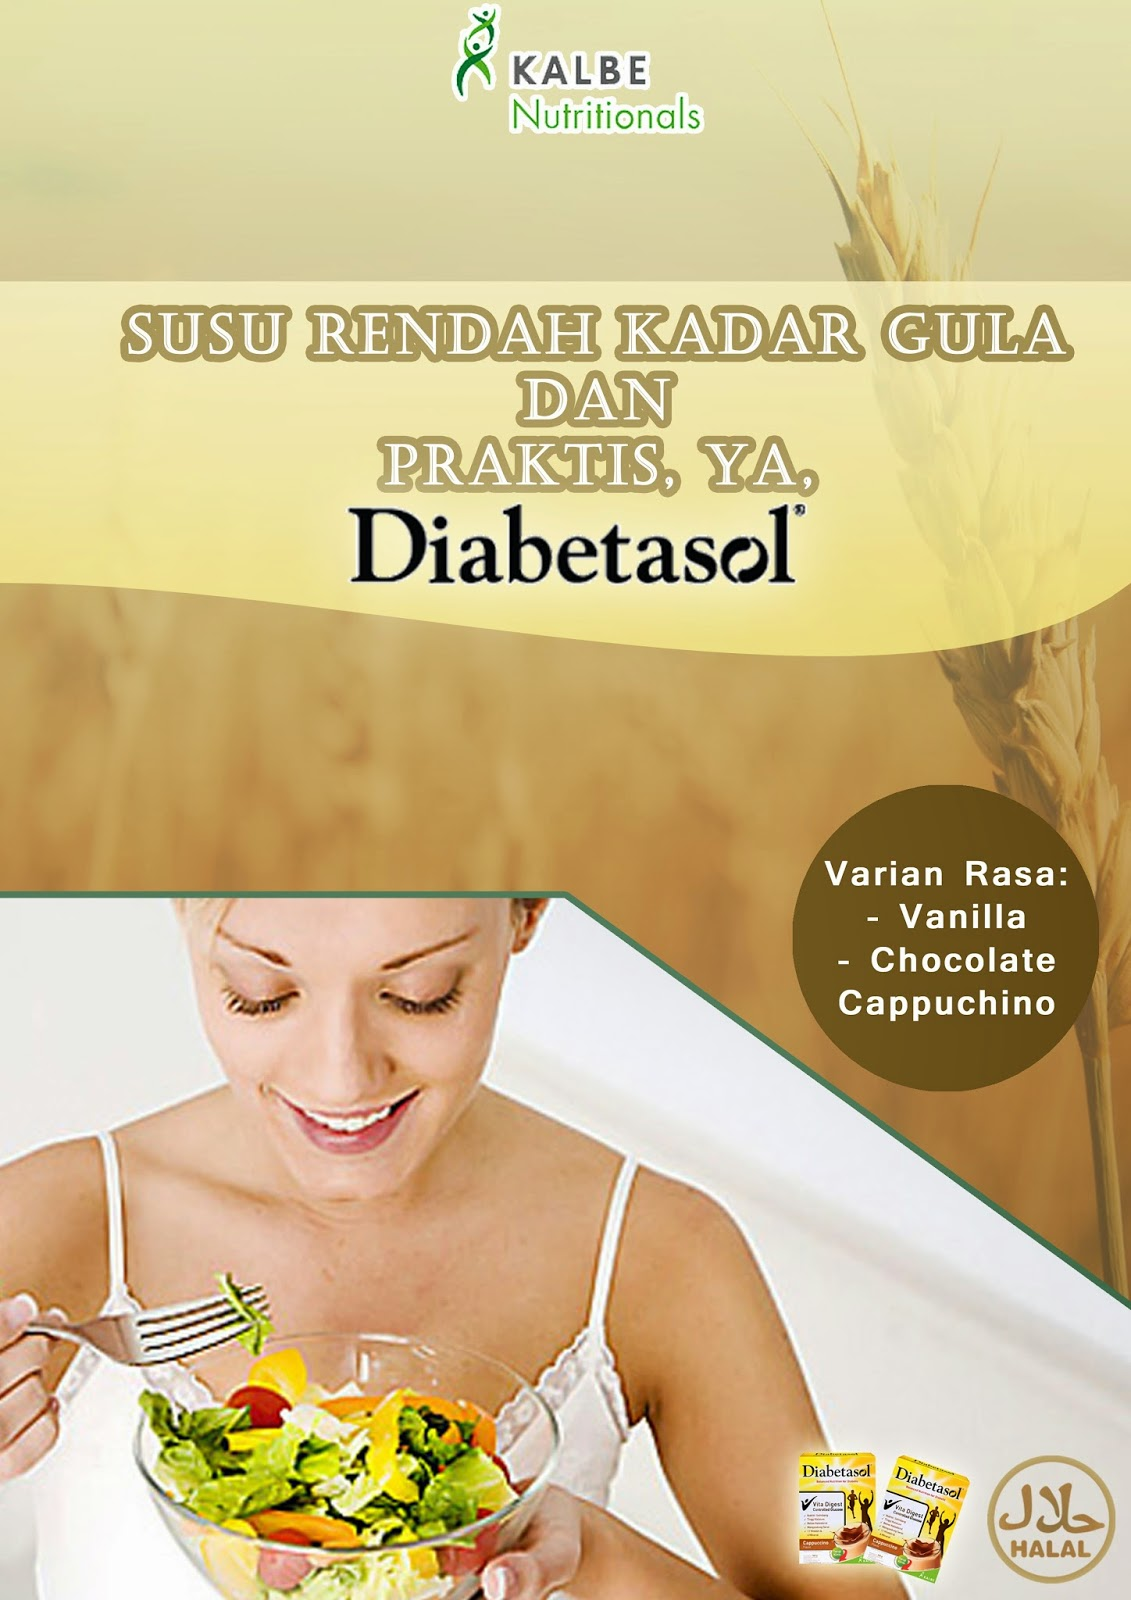 Brown Advertising 2011 Tugas 1 Poster Dan Brosur Susu Diabetasol Gula